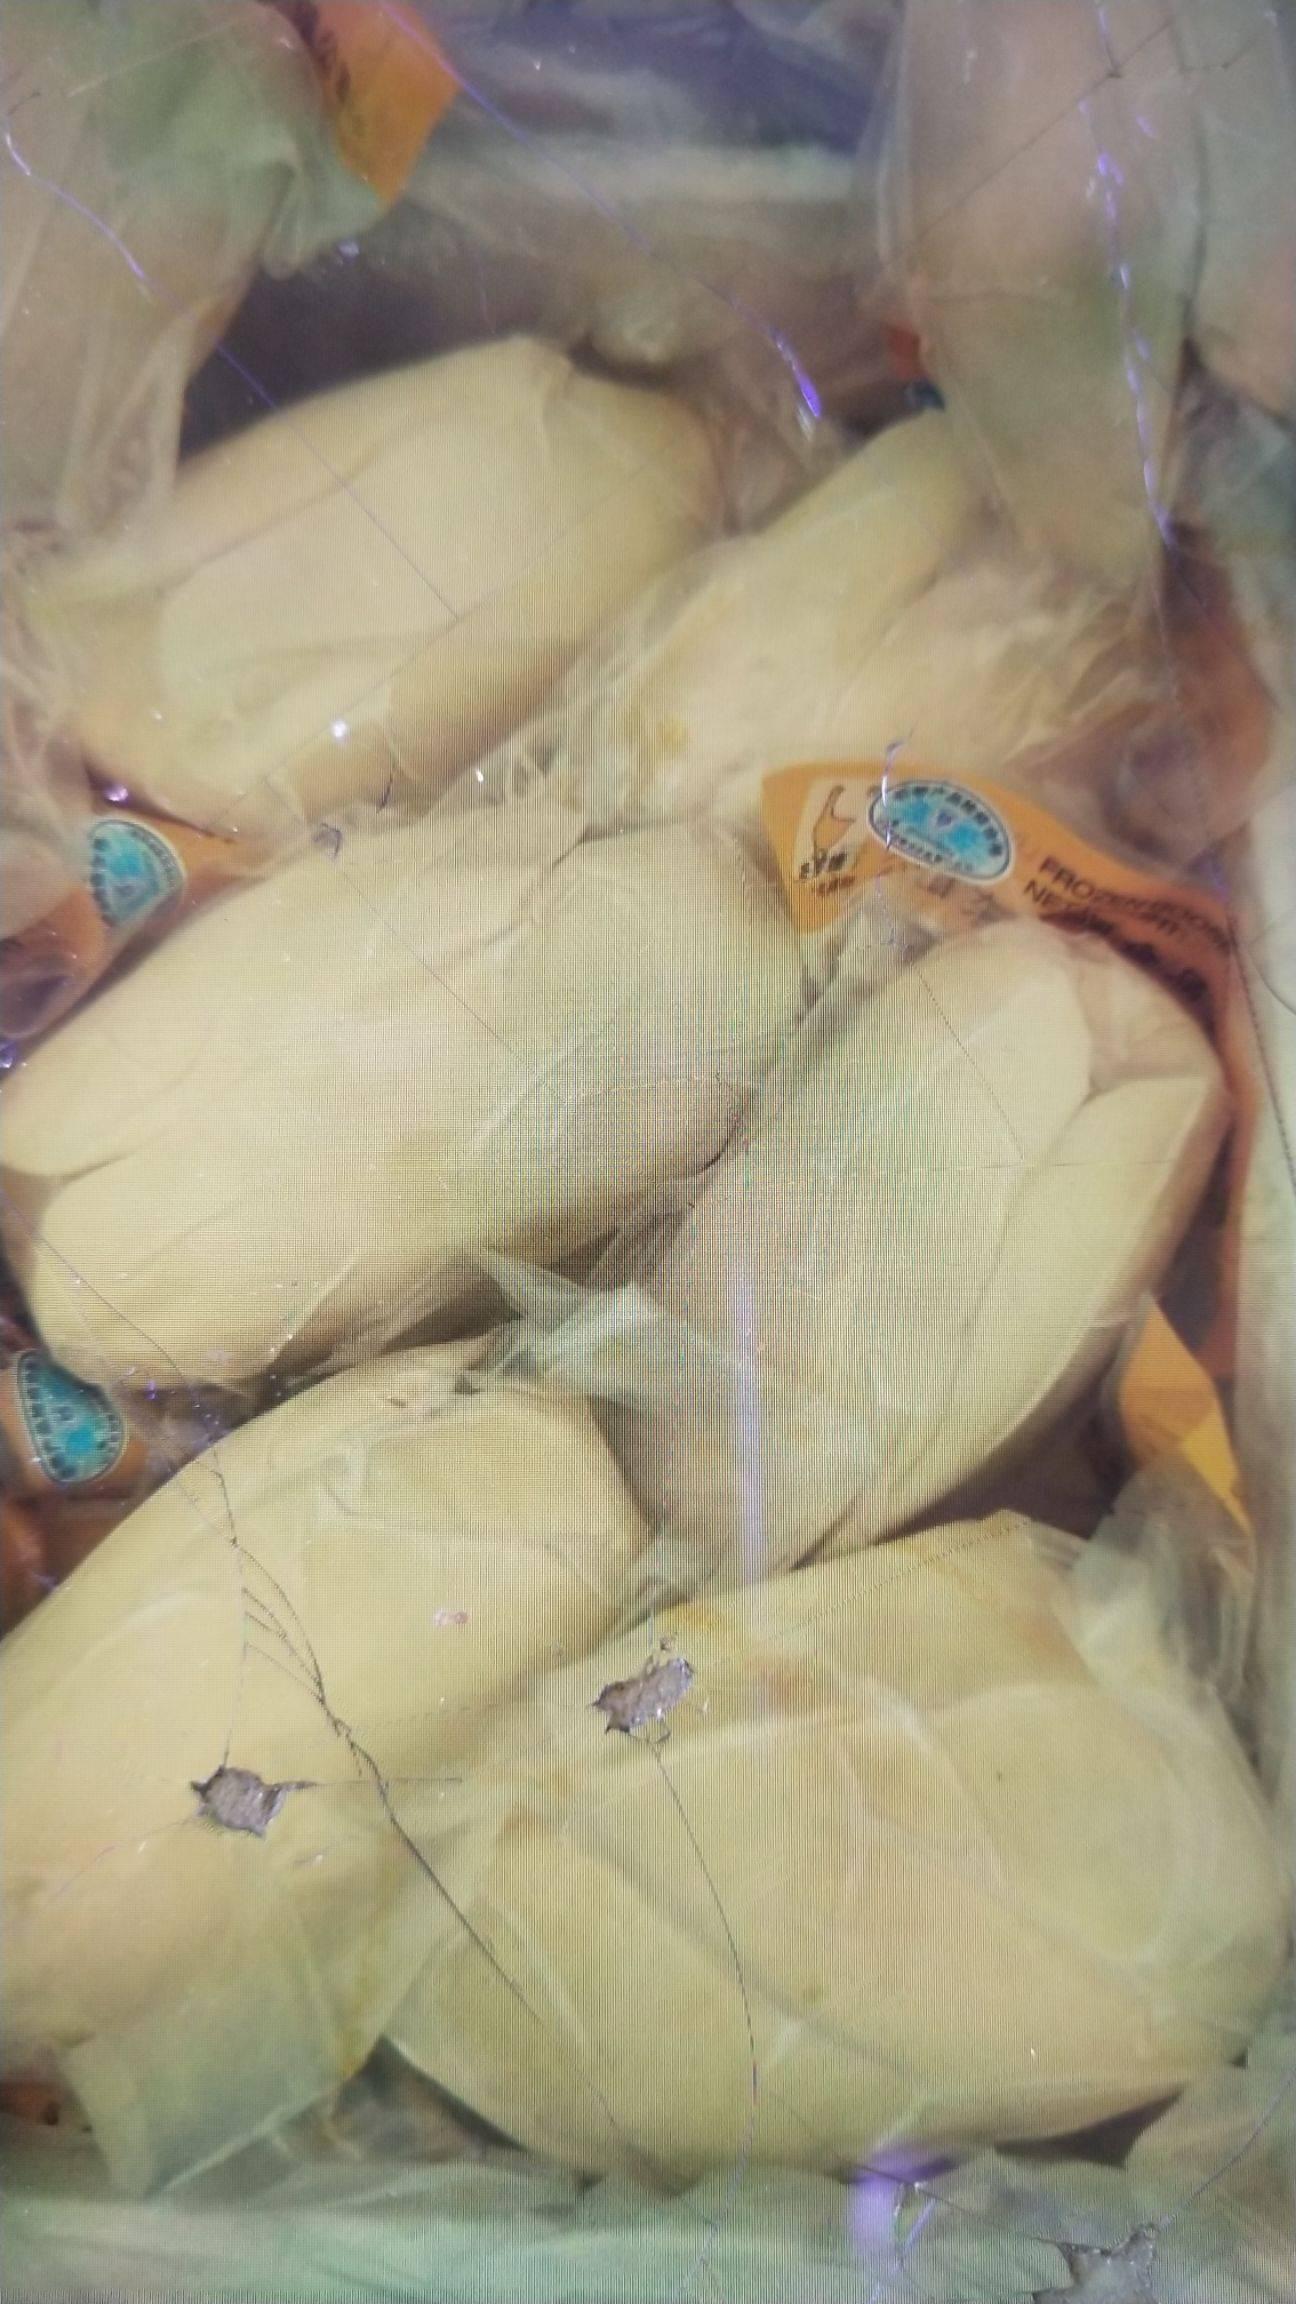 [鹅肝批发] 漂亮的鹅肝,质量杠杠滴价格85元/斤